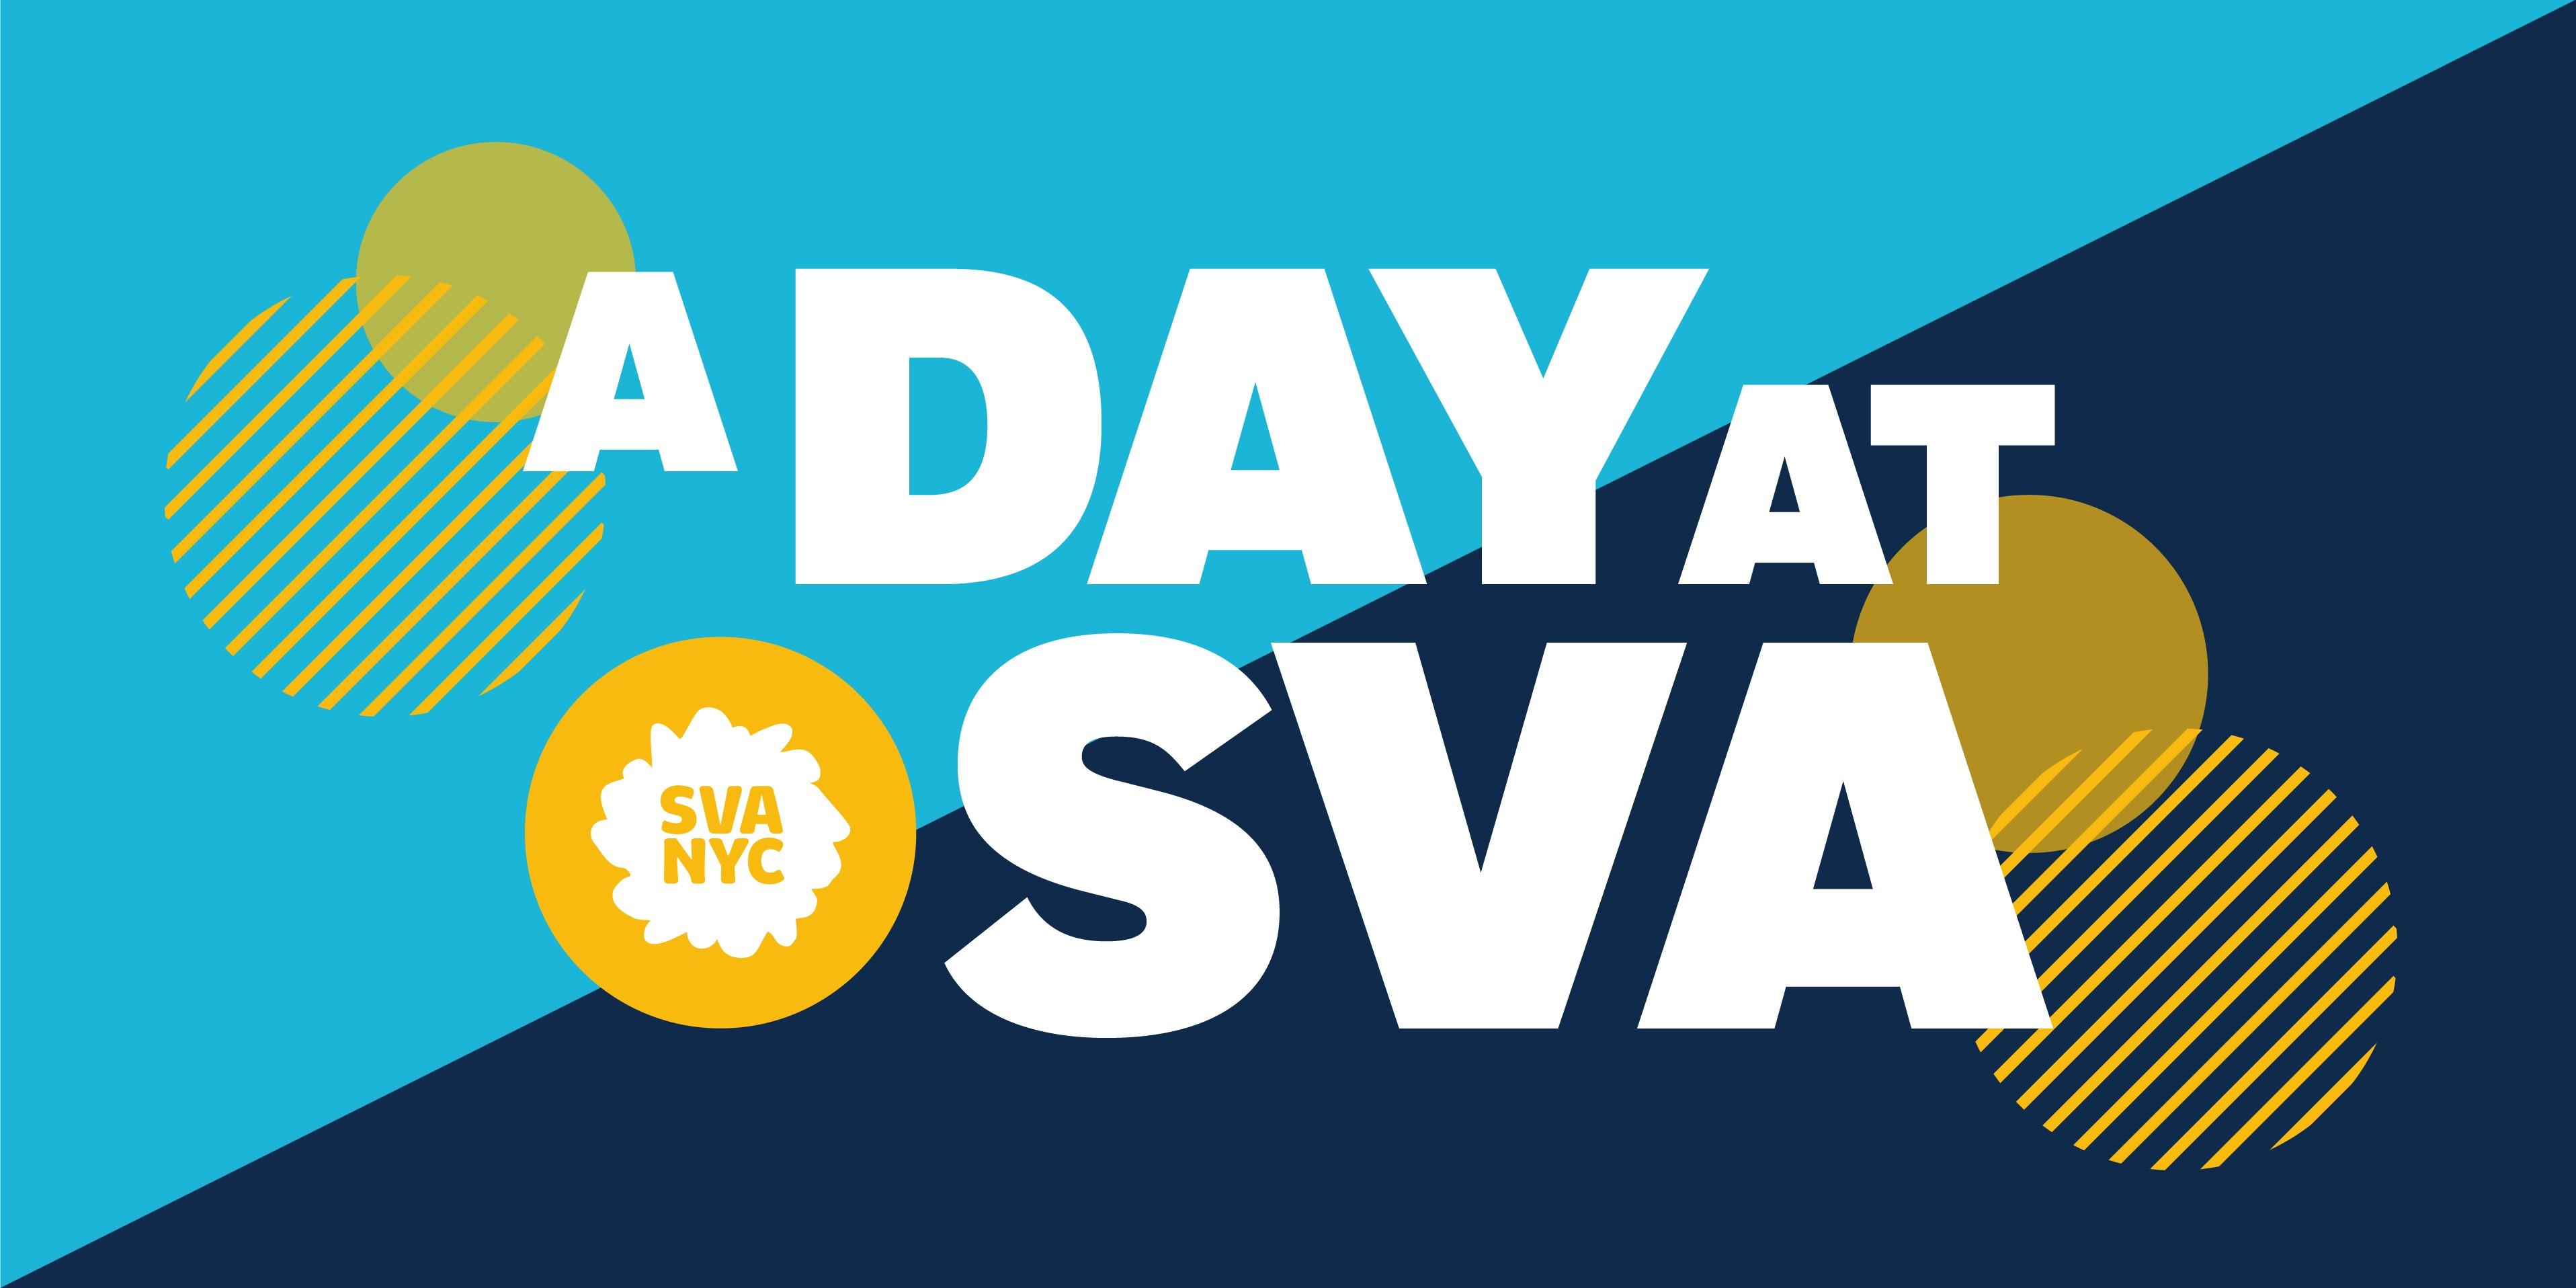 A Day at SVA logo